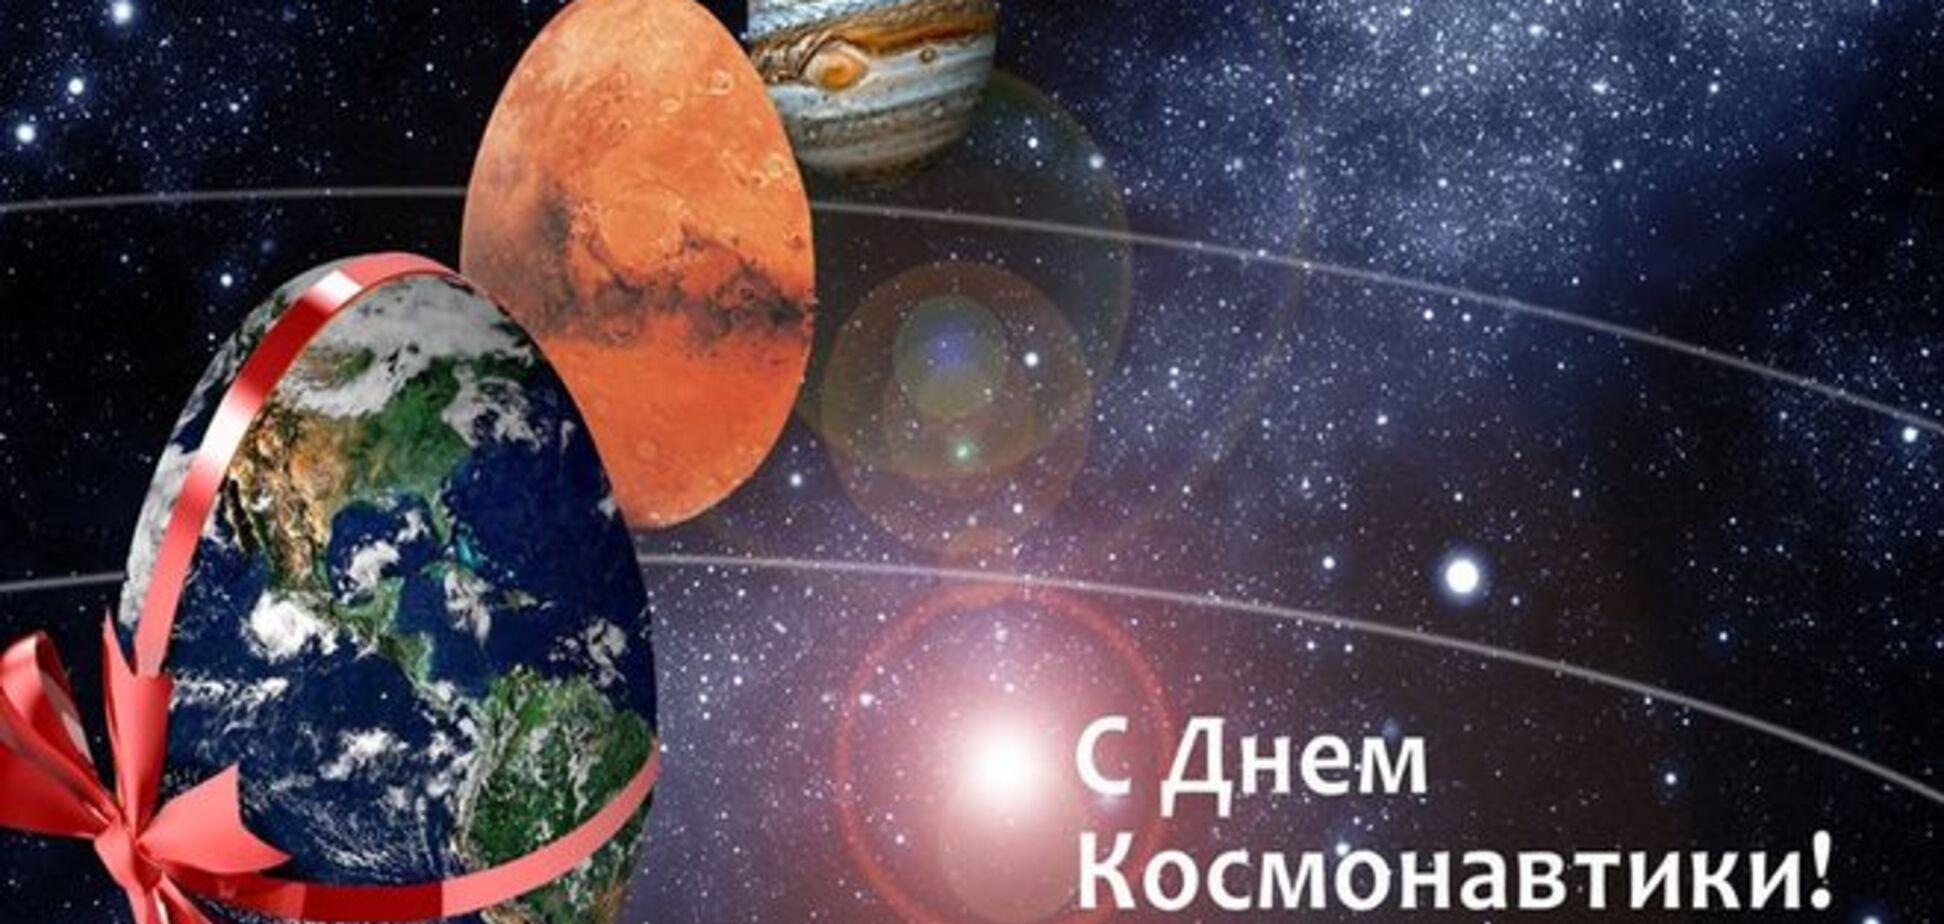 'Воистину, поехали!': соцсети креативно соединили Пасху и День космонавтики - фотоподборка